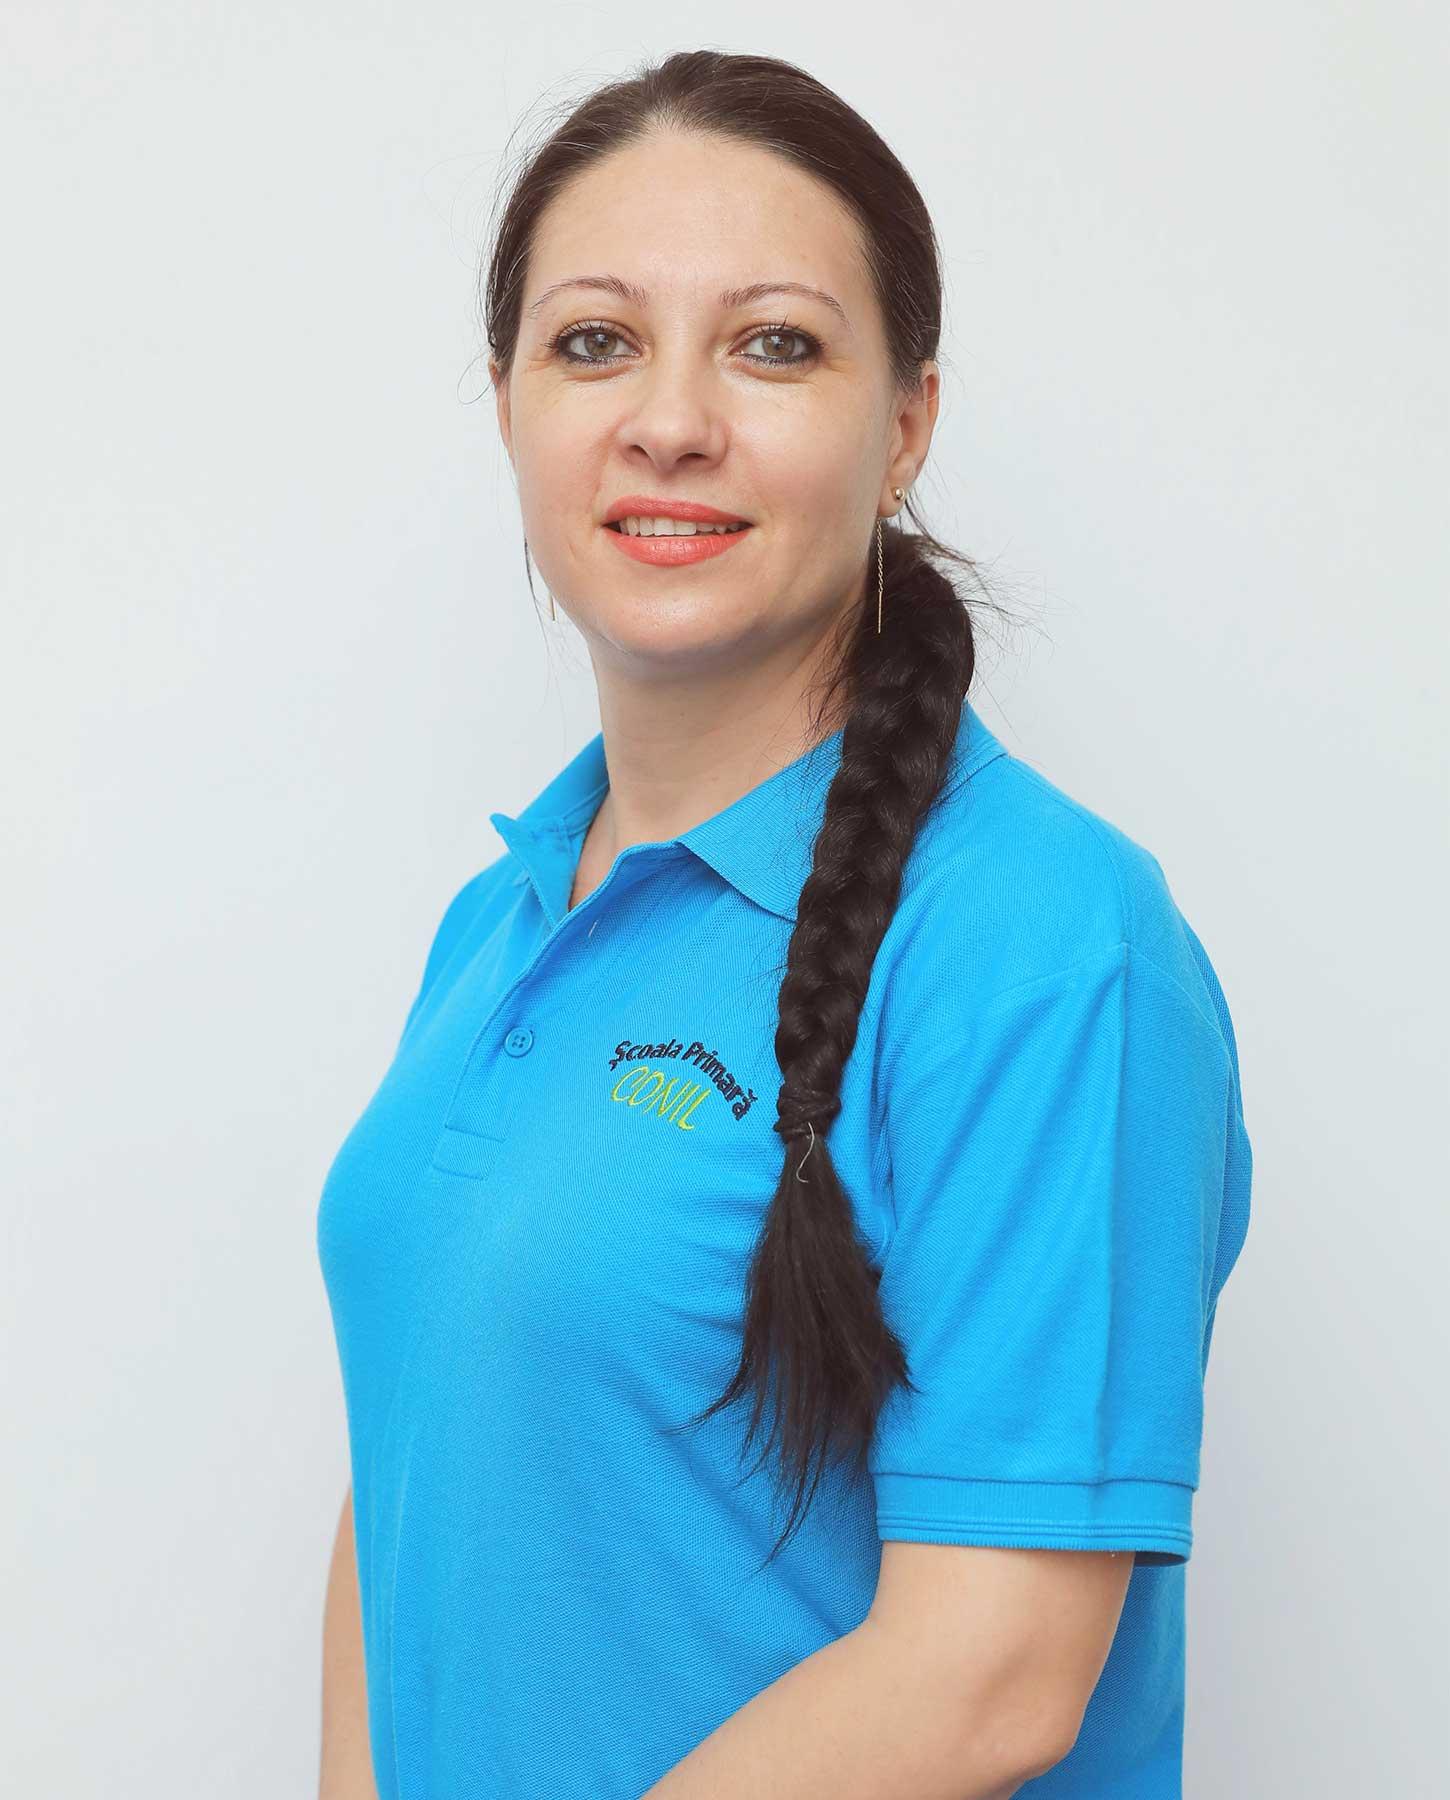 Dorina Anghel